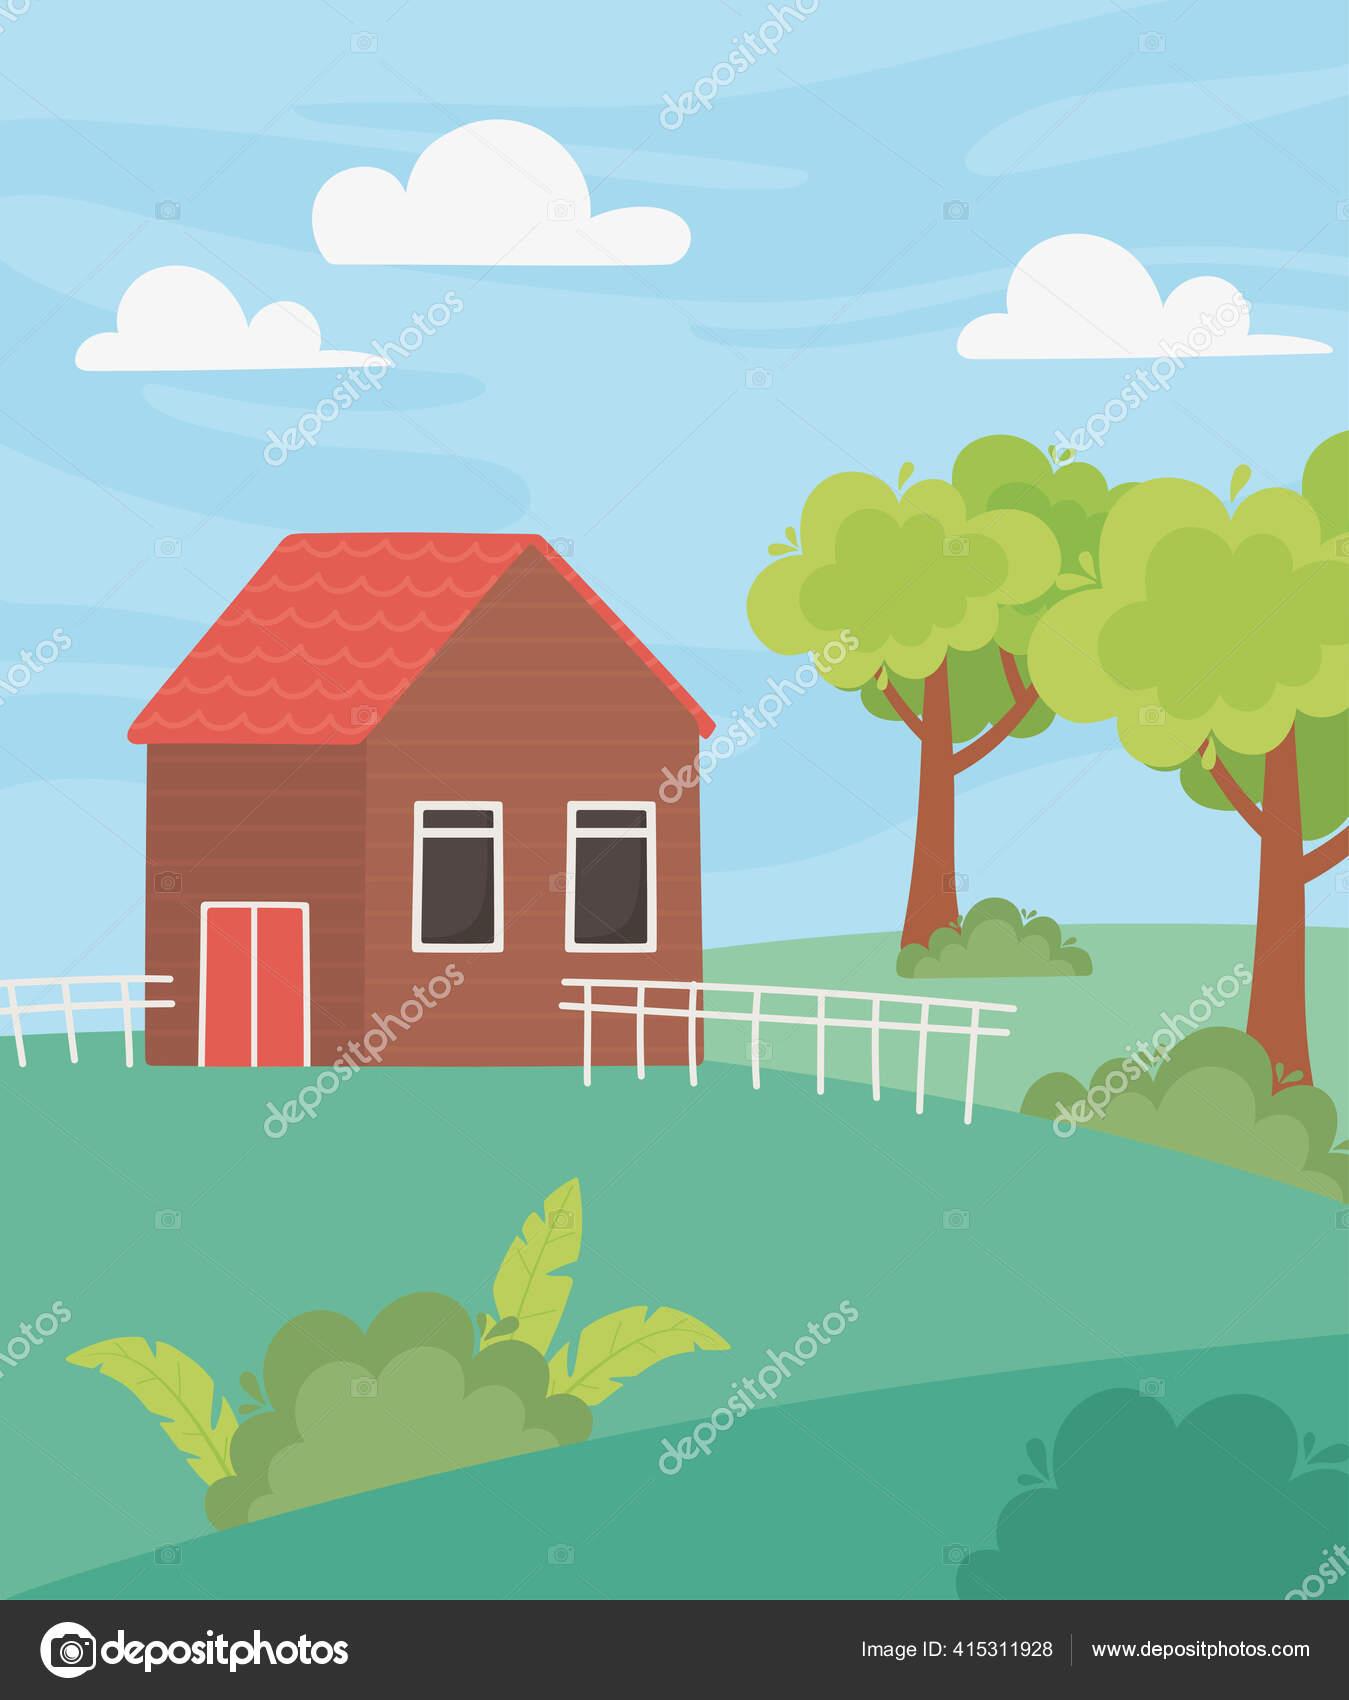 Lansekap Pondok Dengan Pagar Pohon Kebun Dan Padang Rumput Kartun Stok Vektor C Stockgiu 415311928